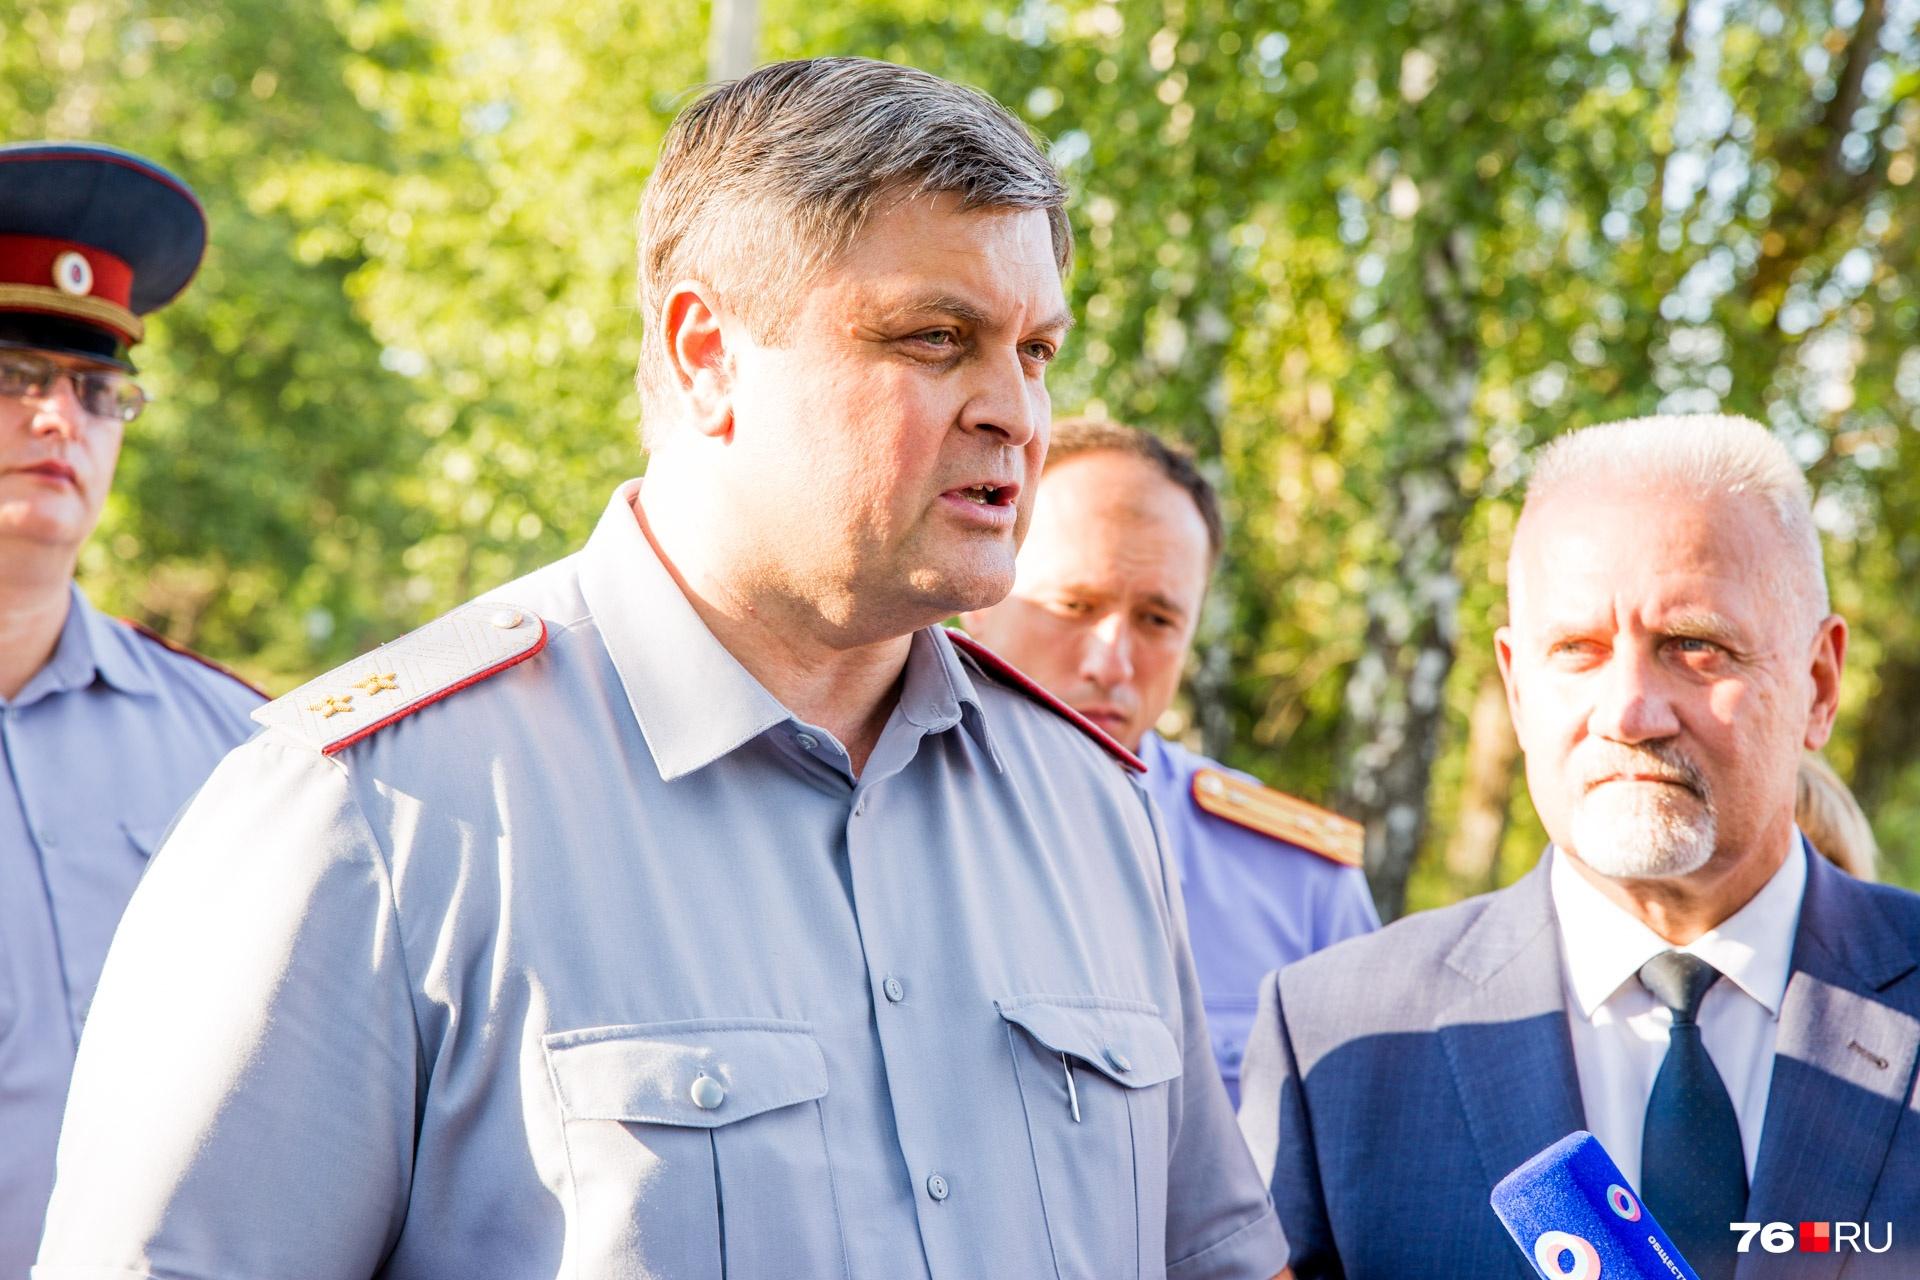 Заместитель директора ФСИН России Анатолий Рудый